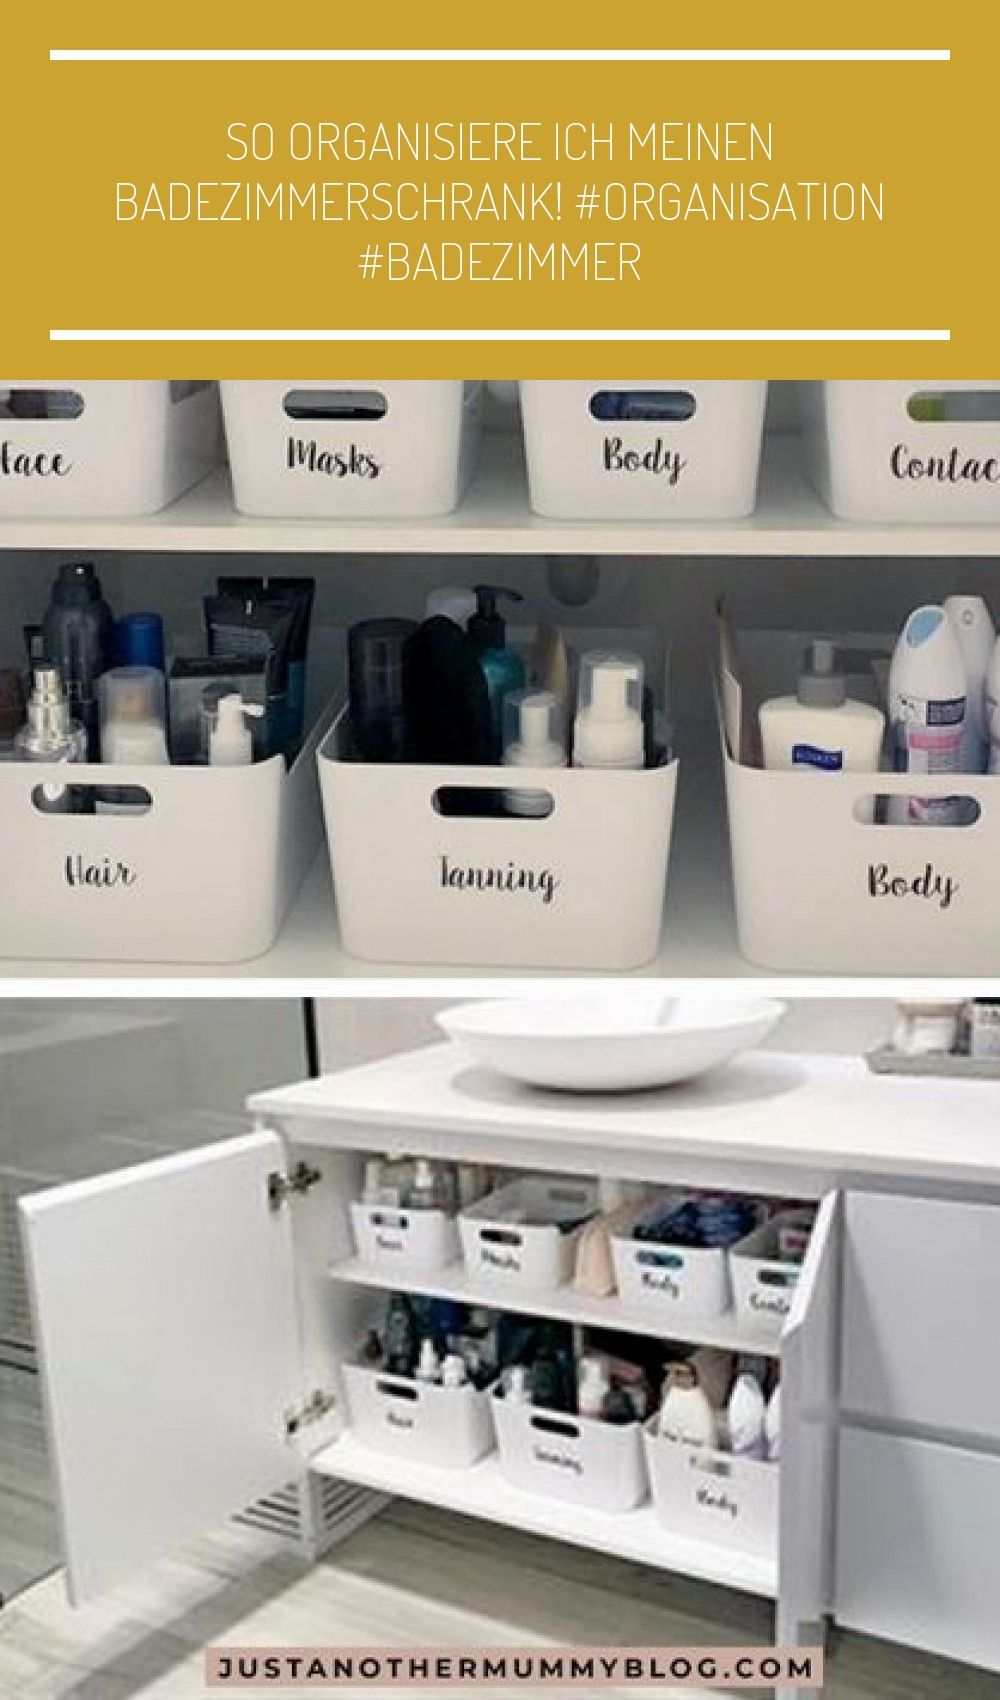 So organisiere ich meinen Badezimmerschrank! #organisation